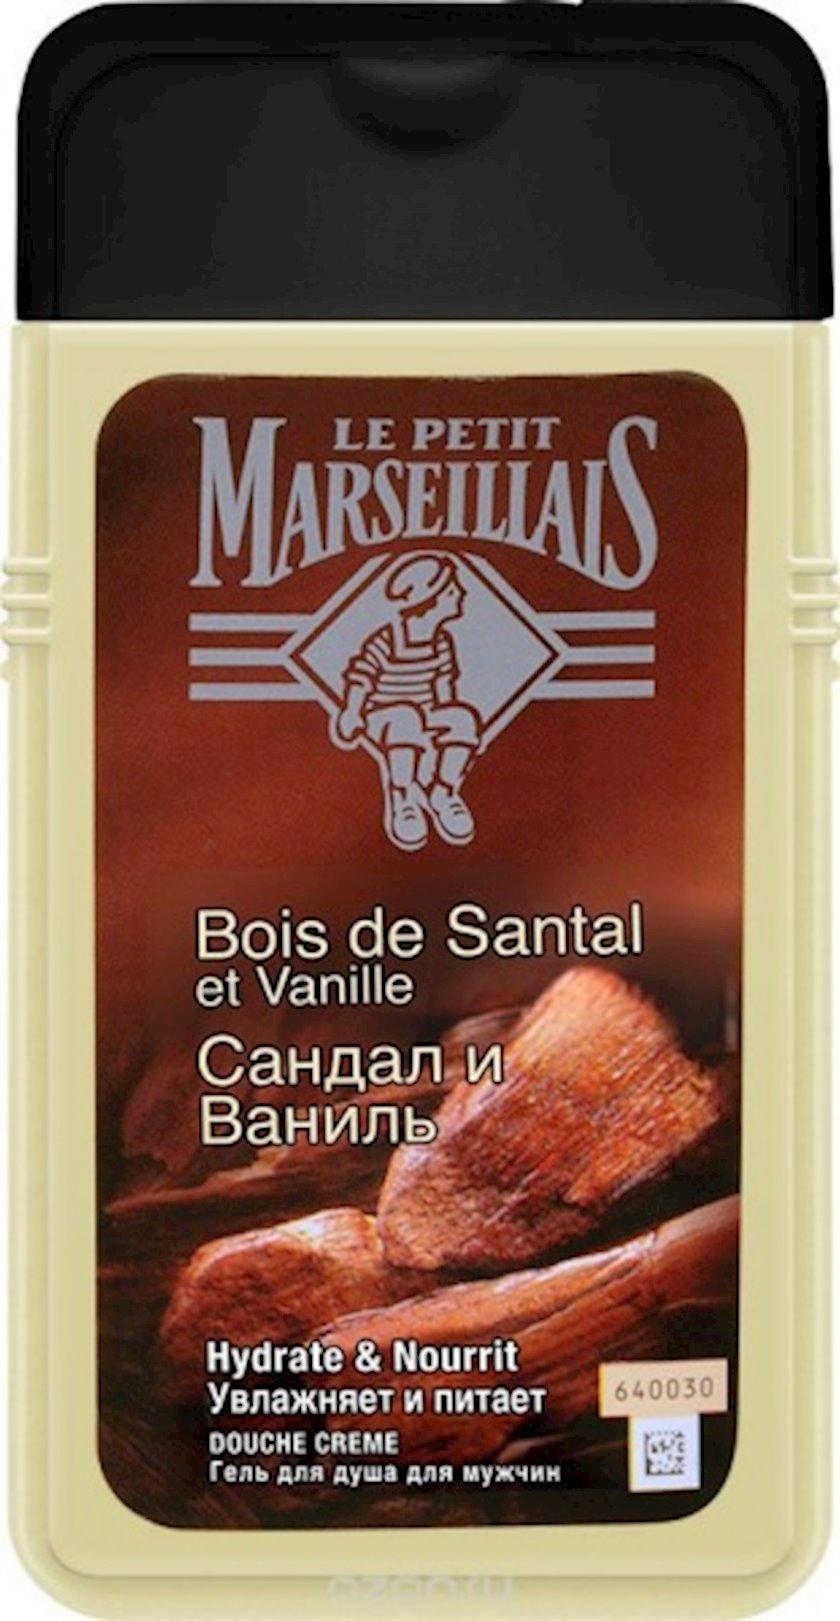 Duş üçün gel Le Petit Marseillais Səndəl və Vanil 250 ml